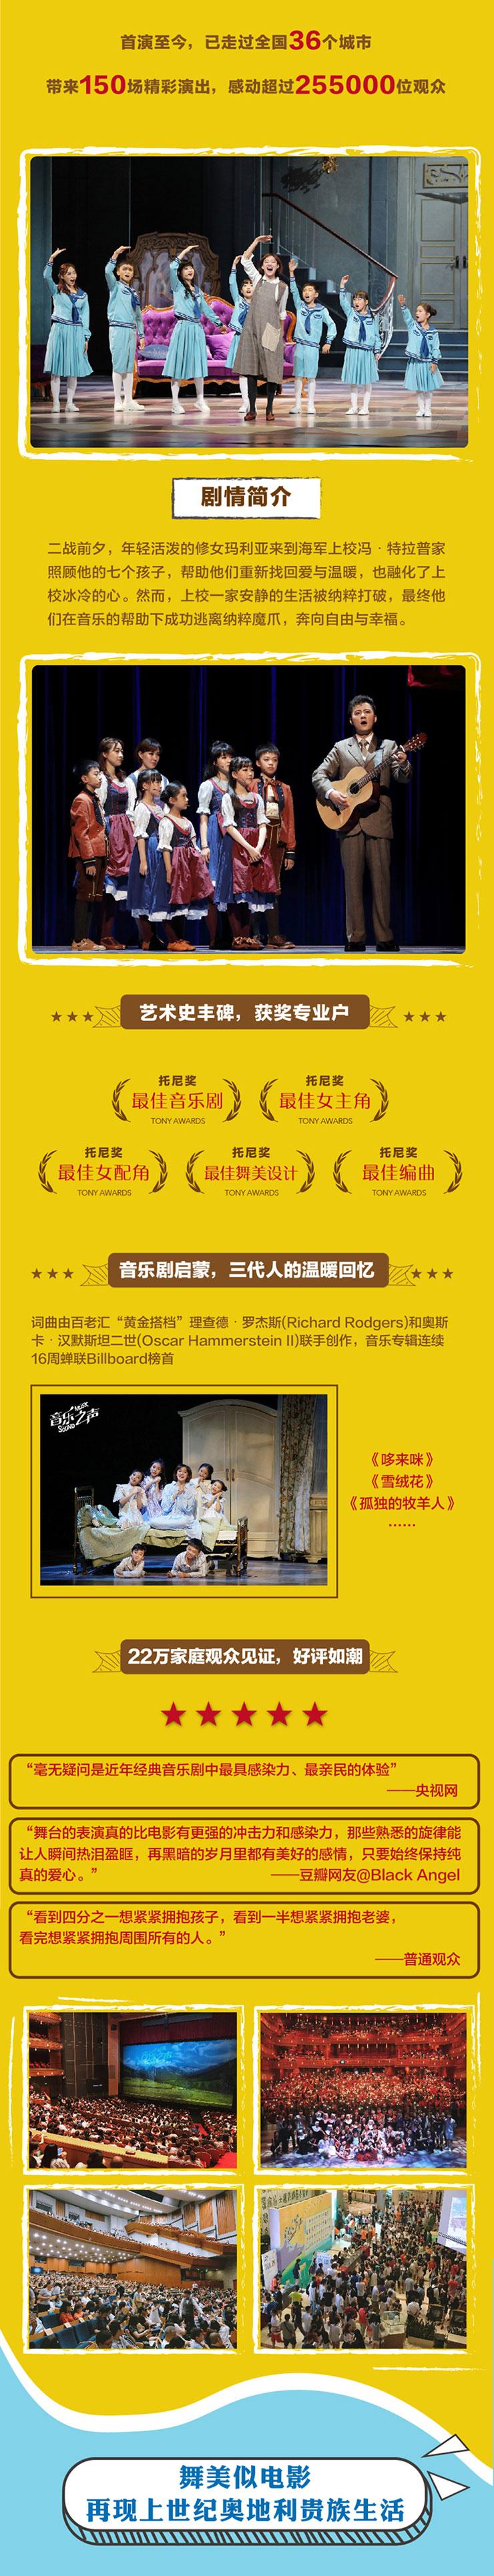 TSOM-开票长图-北京-家庭套票-02.jpg